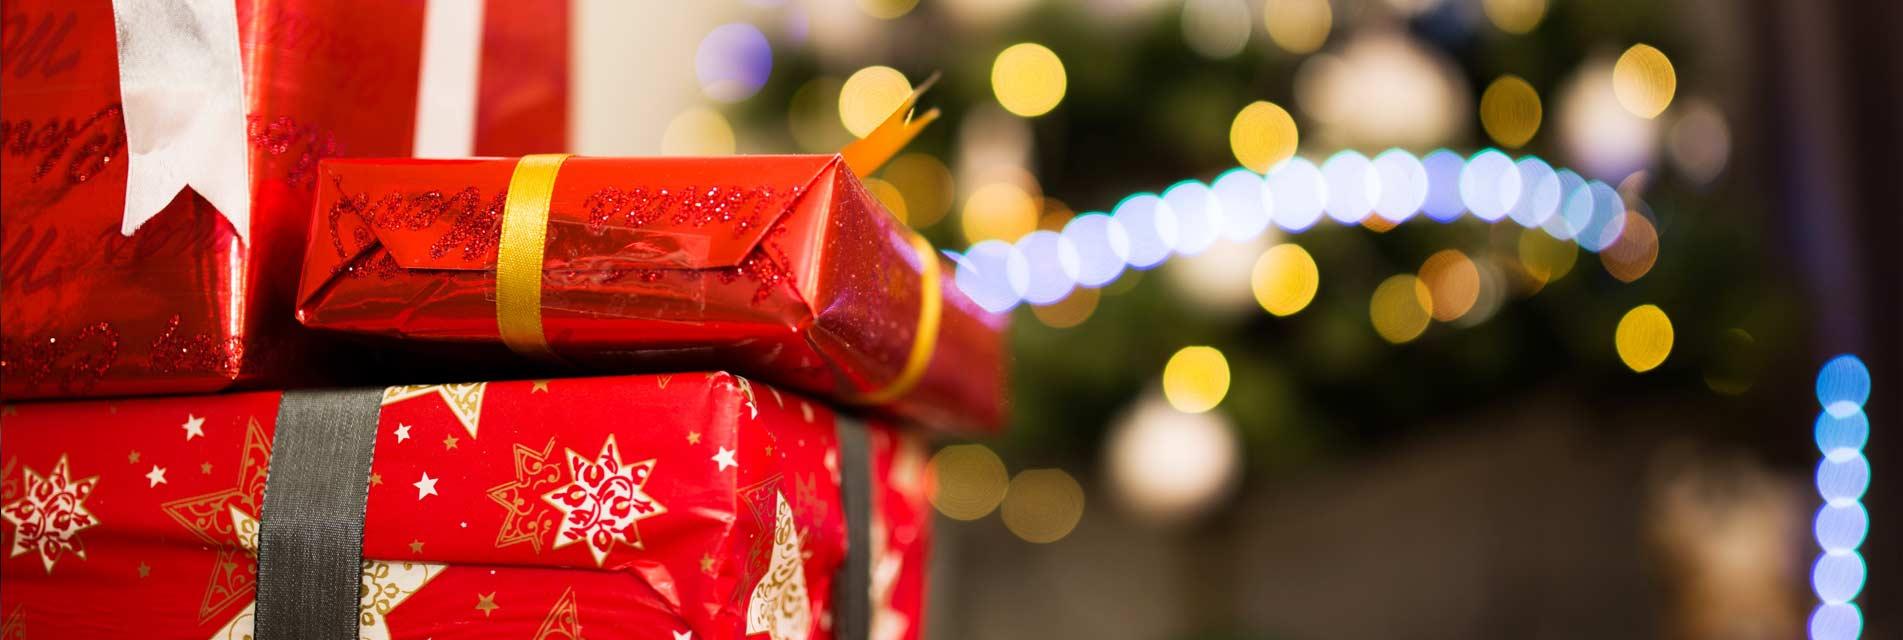 Idée cadeau Noël et réveillons originale – les coffrets cadeaux dans le Tarn en occitanie